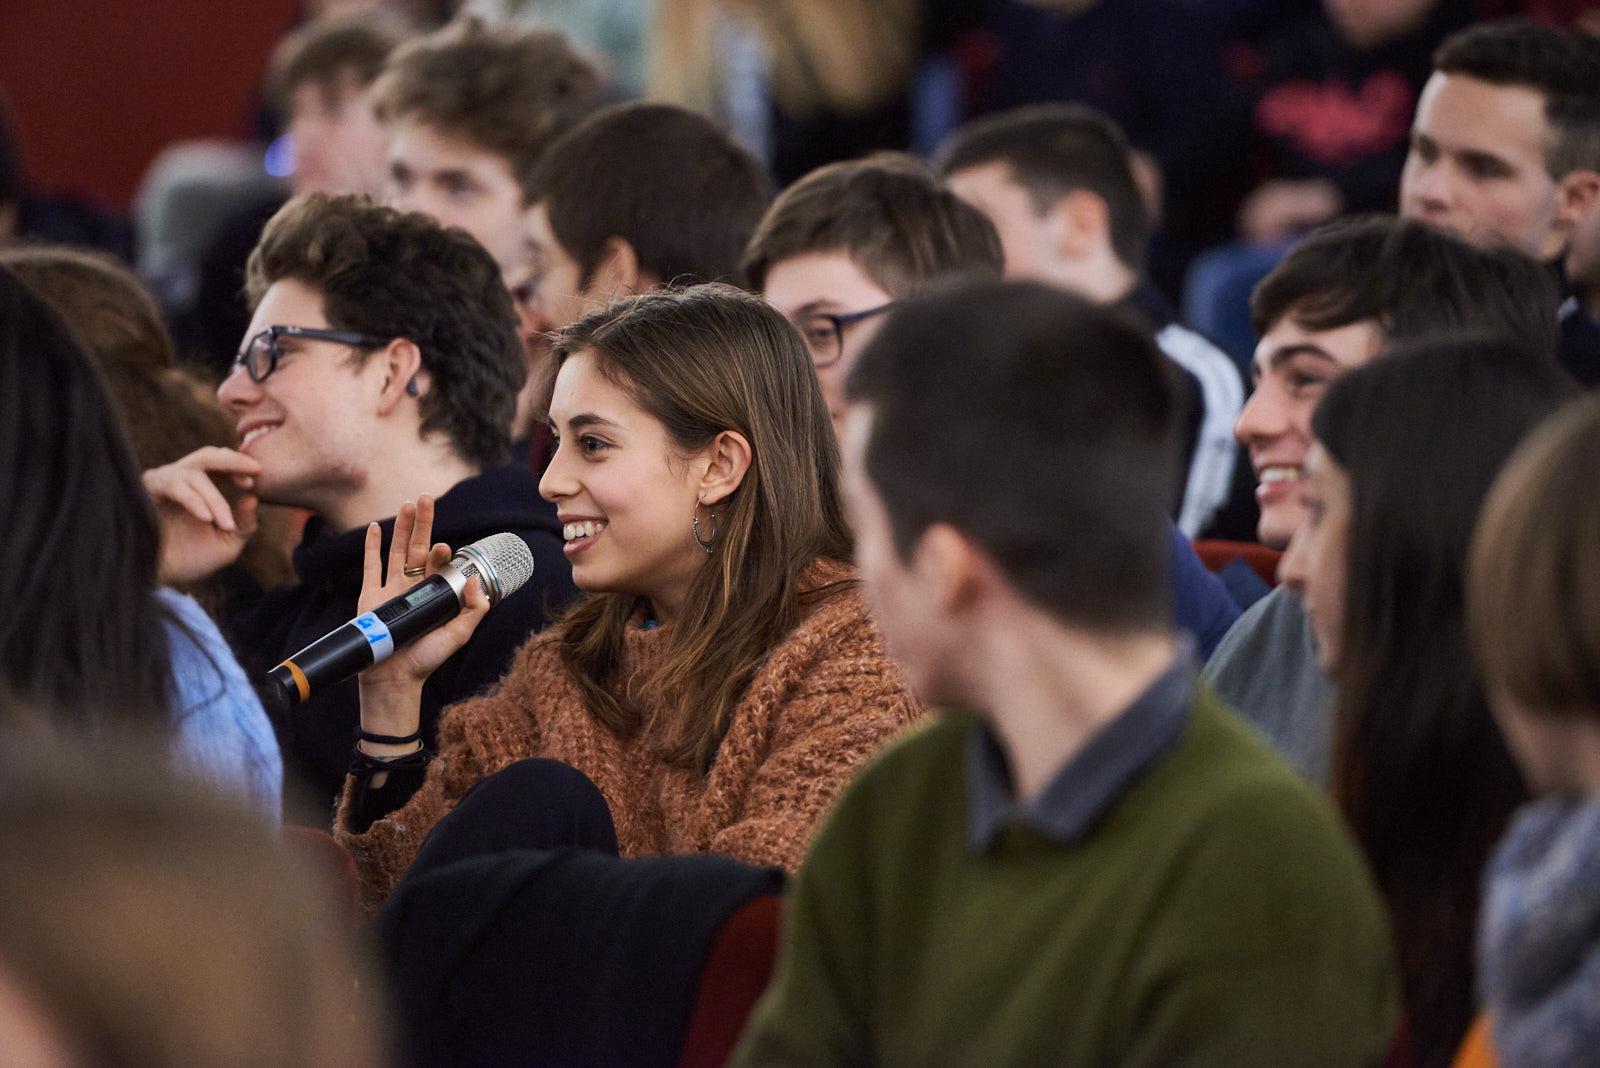 Domande e curiosità degli studenti